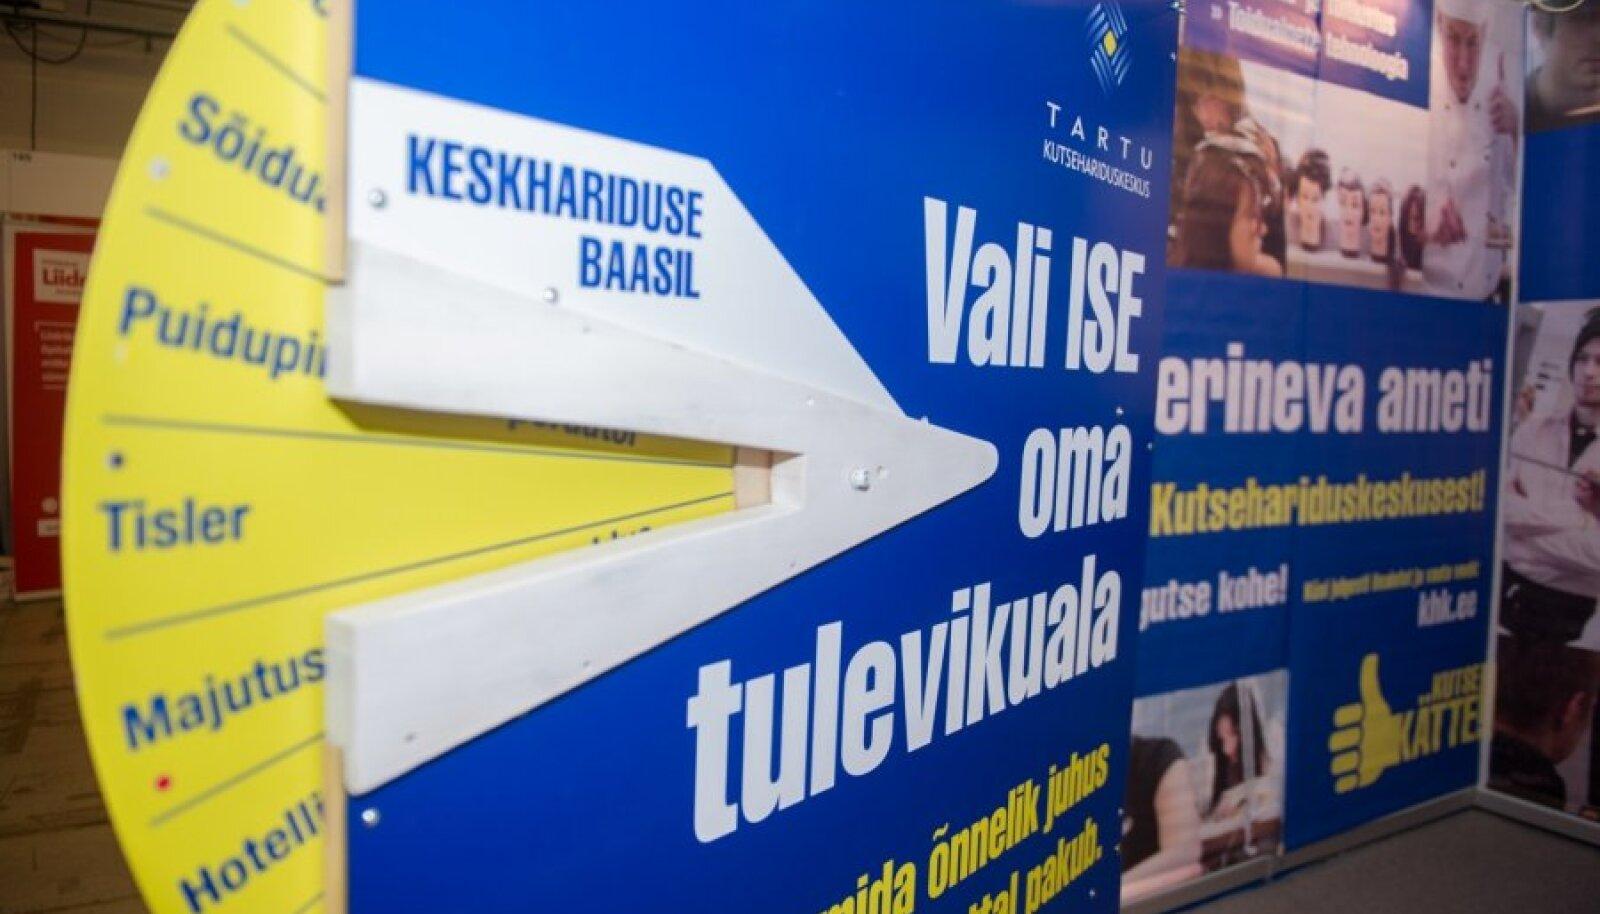 43% haridusmessil Teeviit küsitletud noortest ei olnud teadlikud, kui palju nende erialal reaalselt töökohti Eestis leidub.